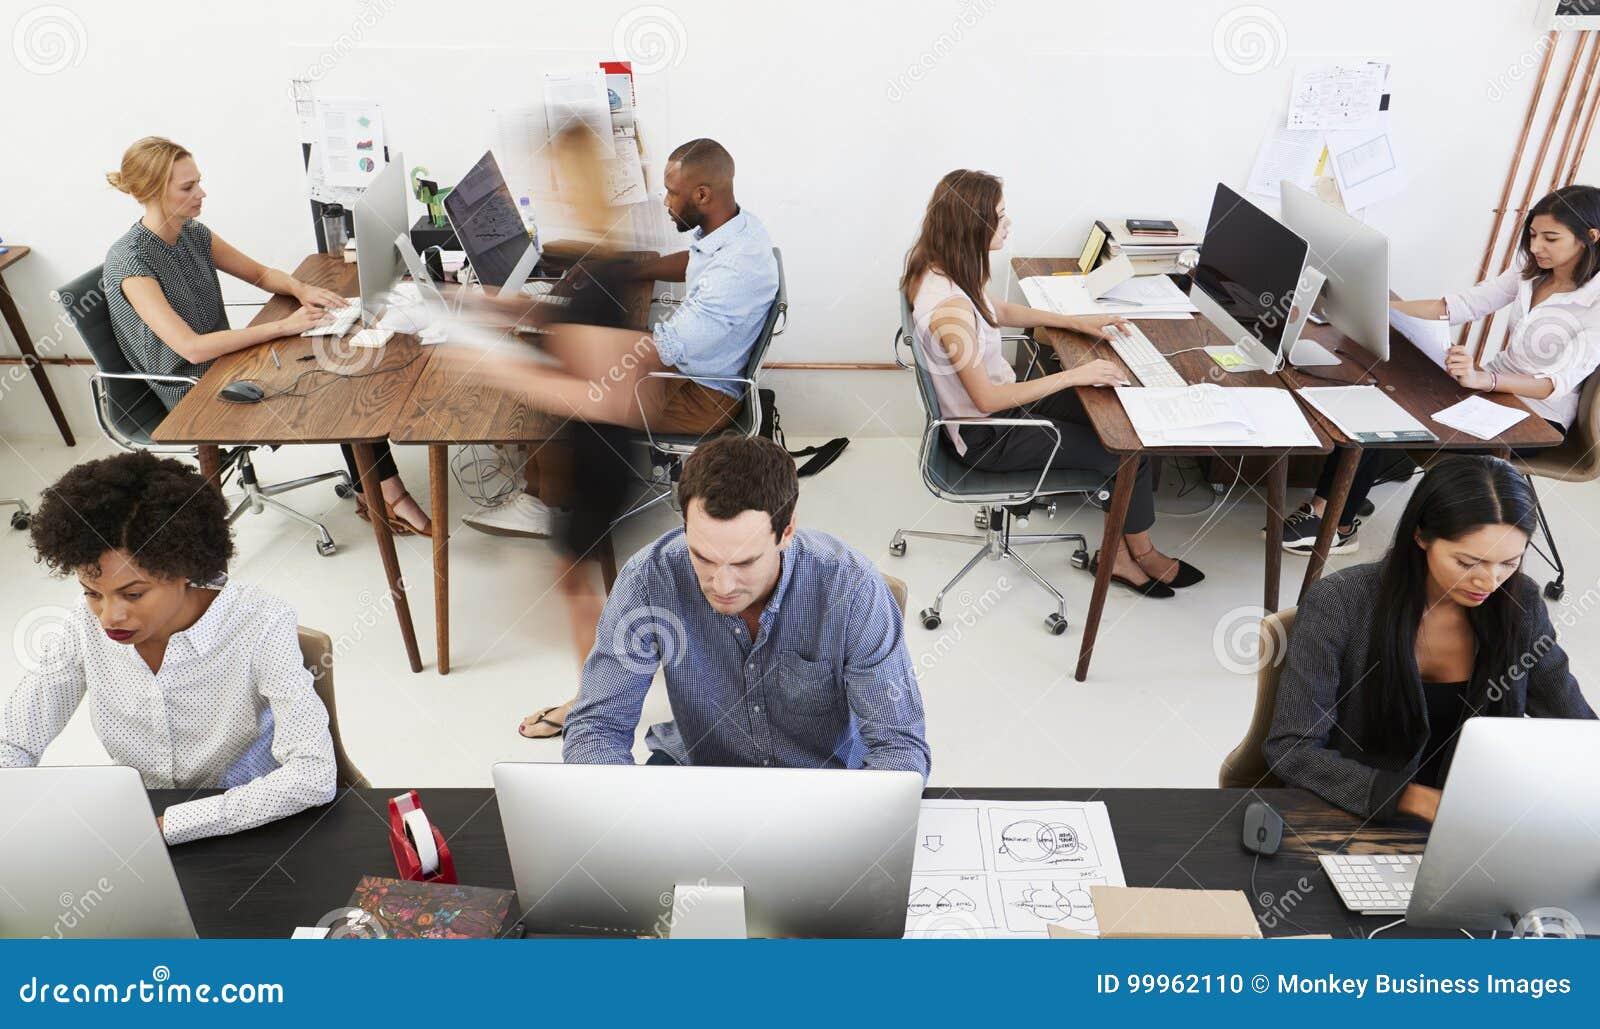 Коллеги на компьютерах в открытом офисе плана, вид спереди